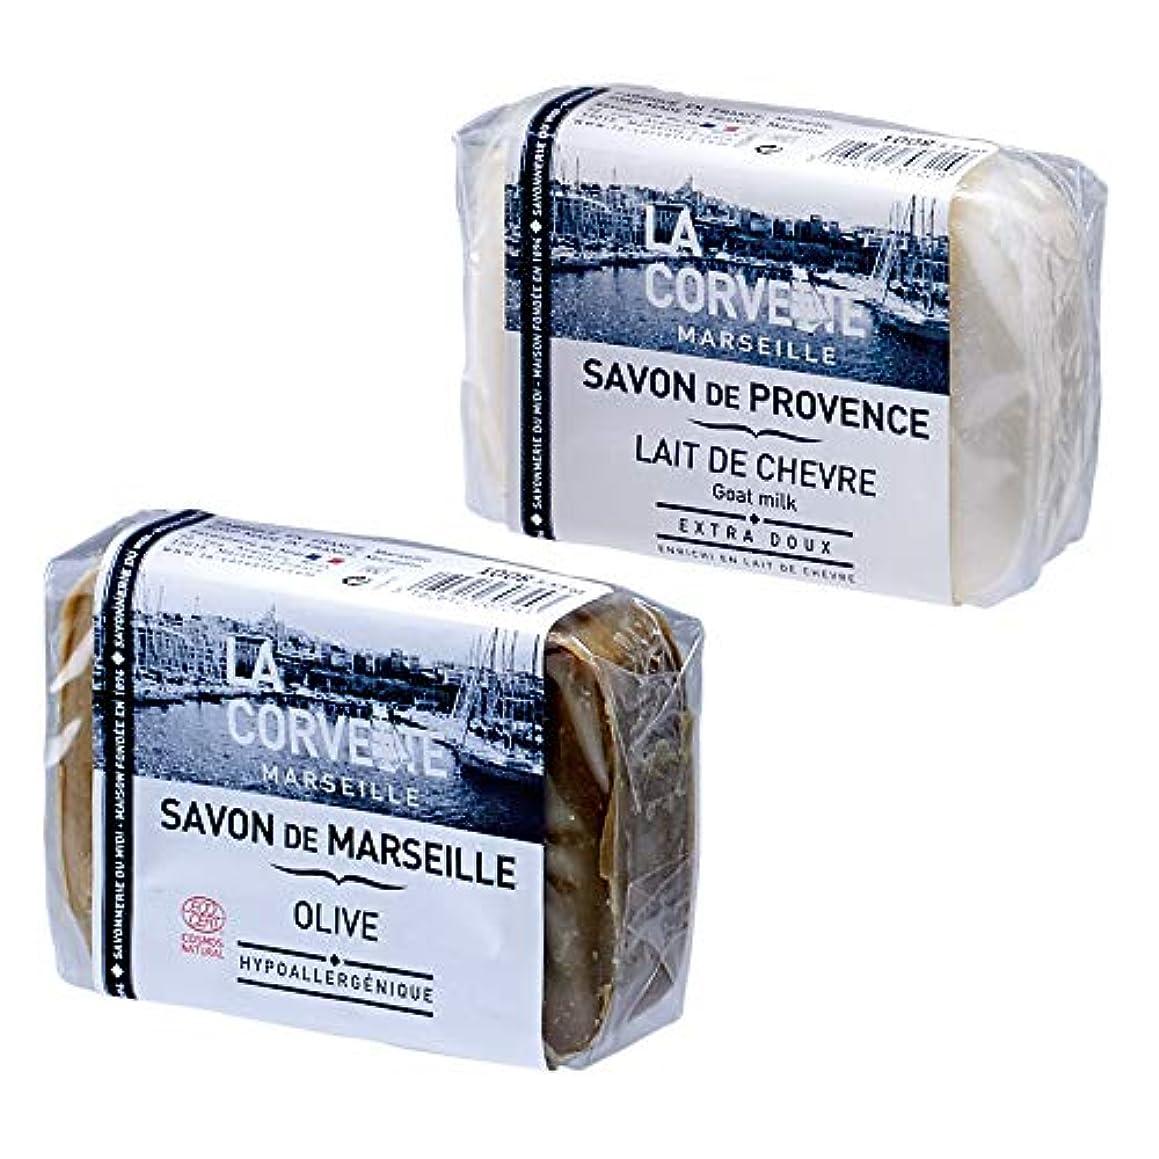 裂け目起きている有能なフランスお土産 マルセイユ石けん 2種セット オリーブ&ゴートミルク 2種セット